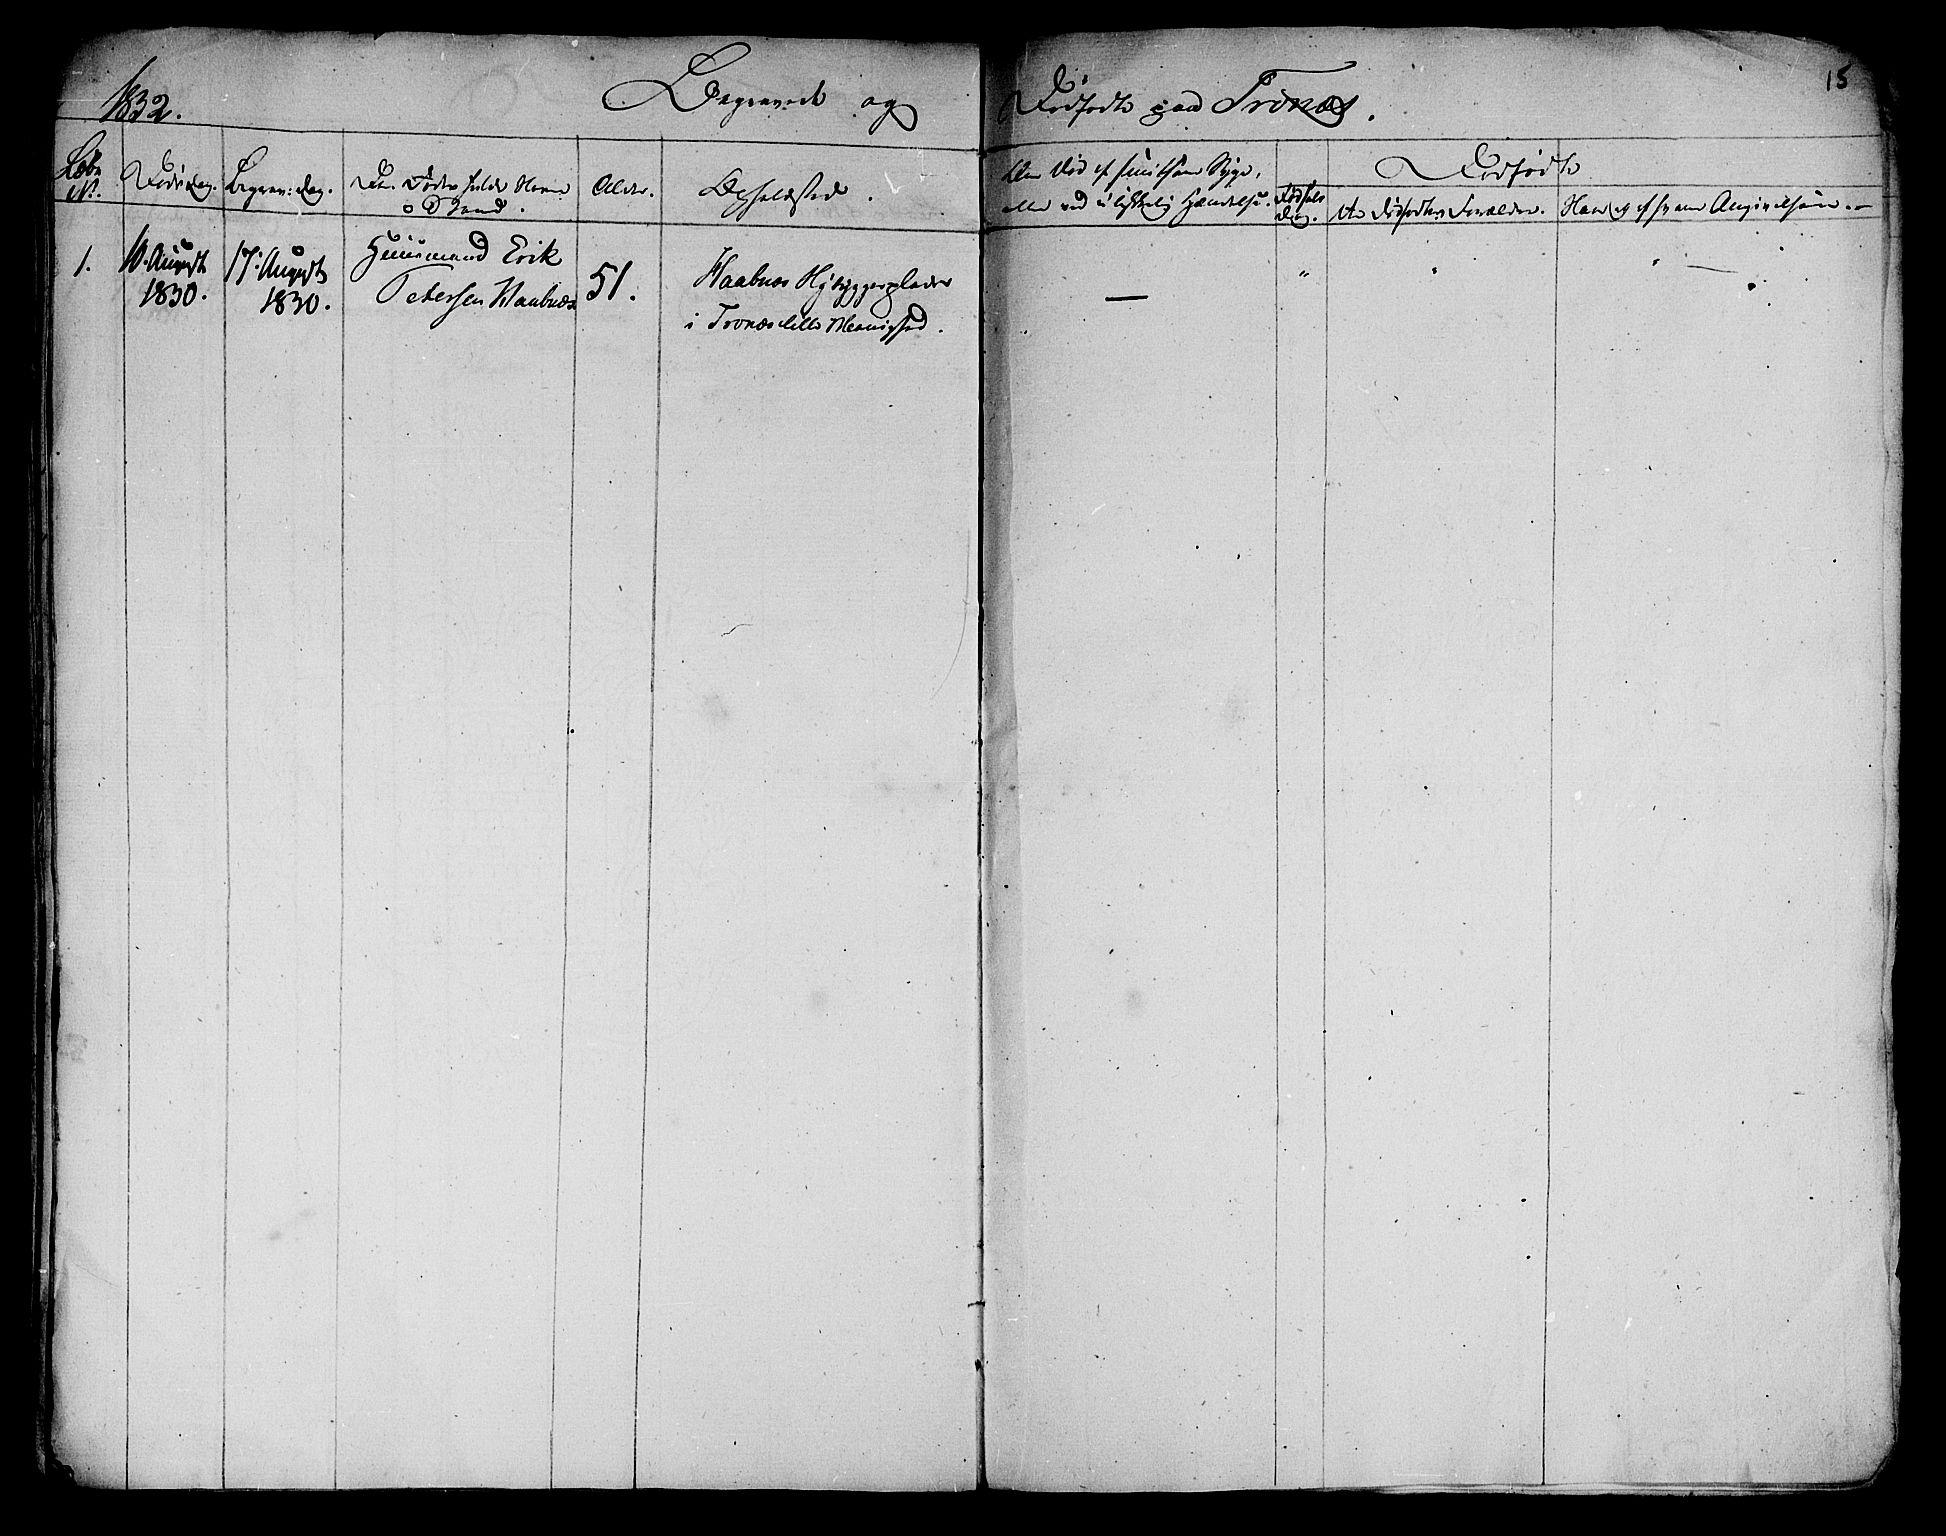 SAT, Ministerialprotokoller, klokkerbøker og fødselsregistre - Nord-Trøndelag, 762/L0536: Ministerialbok nr. 762A01 /2, 1830-1832, s. 15